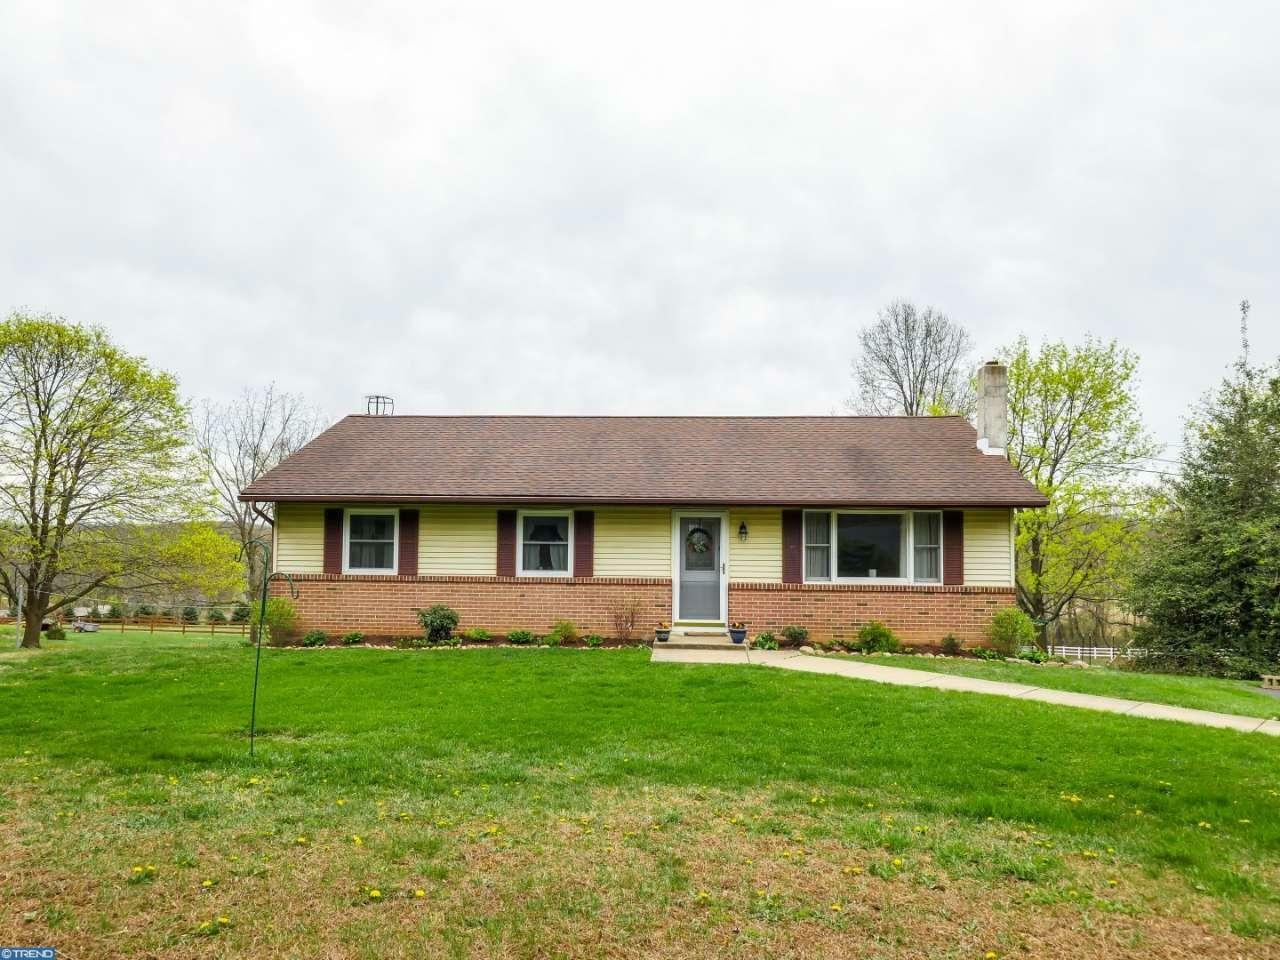 3678 Buckwampum Rd, Riegelsville, PA - USA (photo 1)